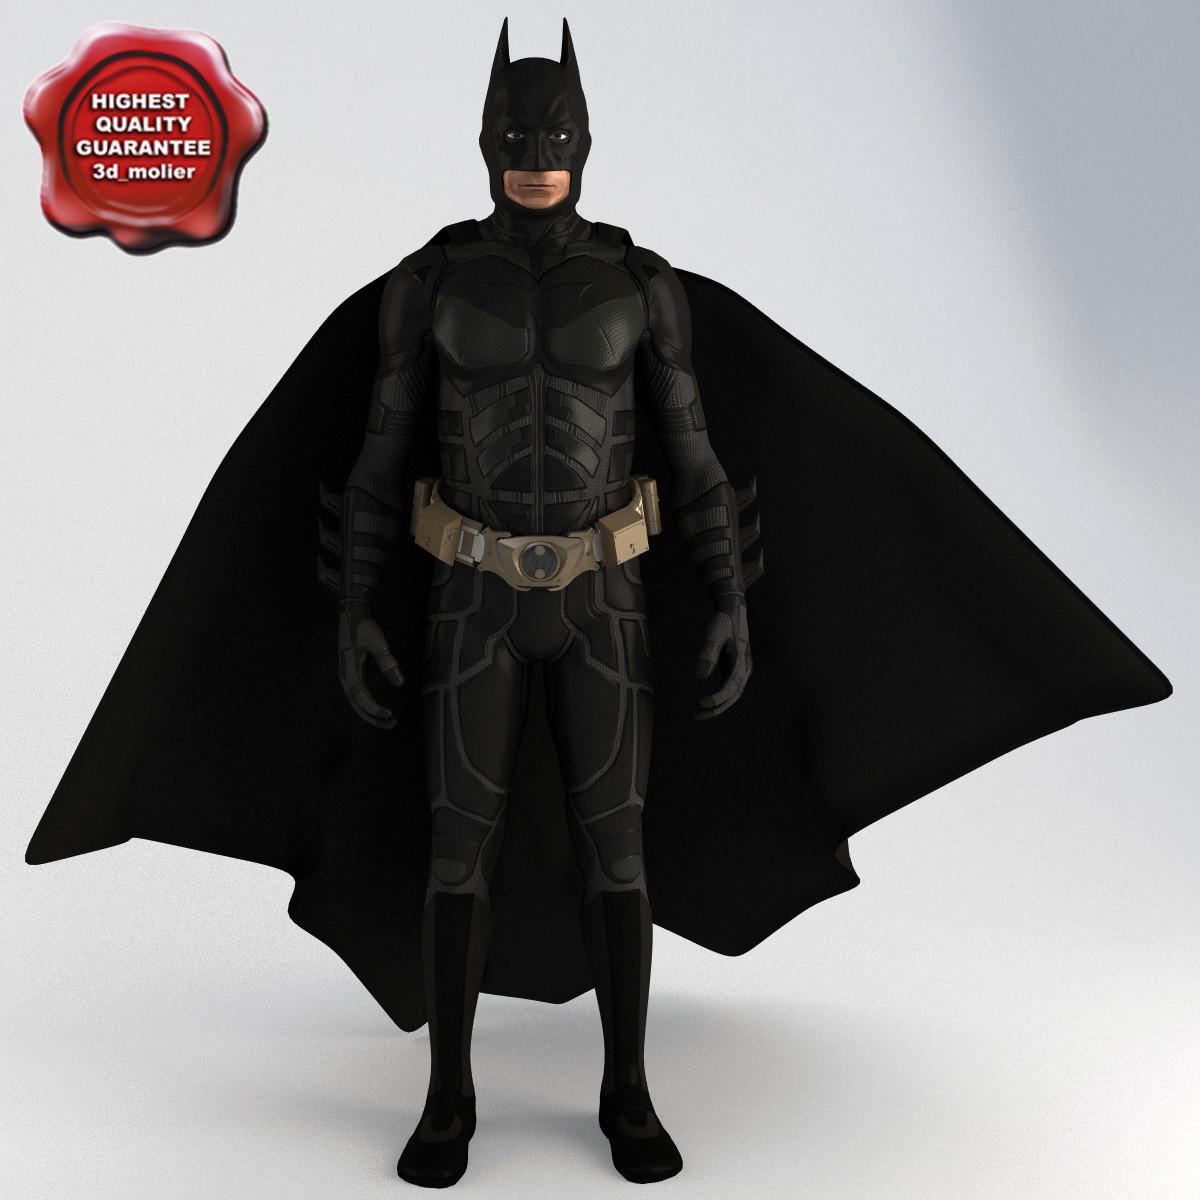 batman pose2 3d model